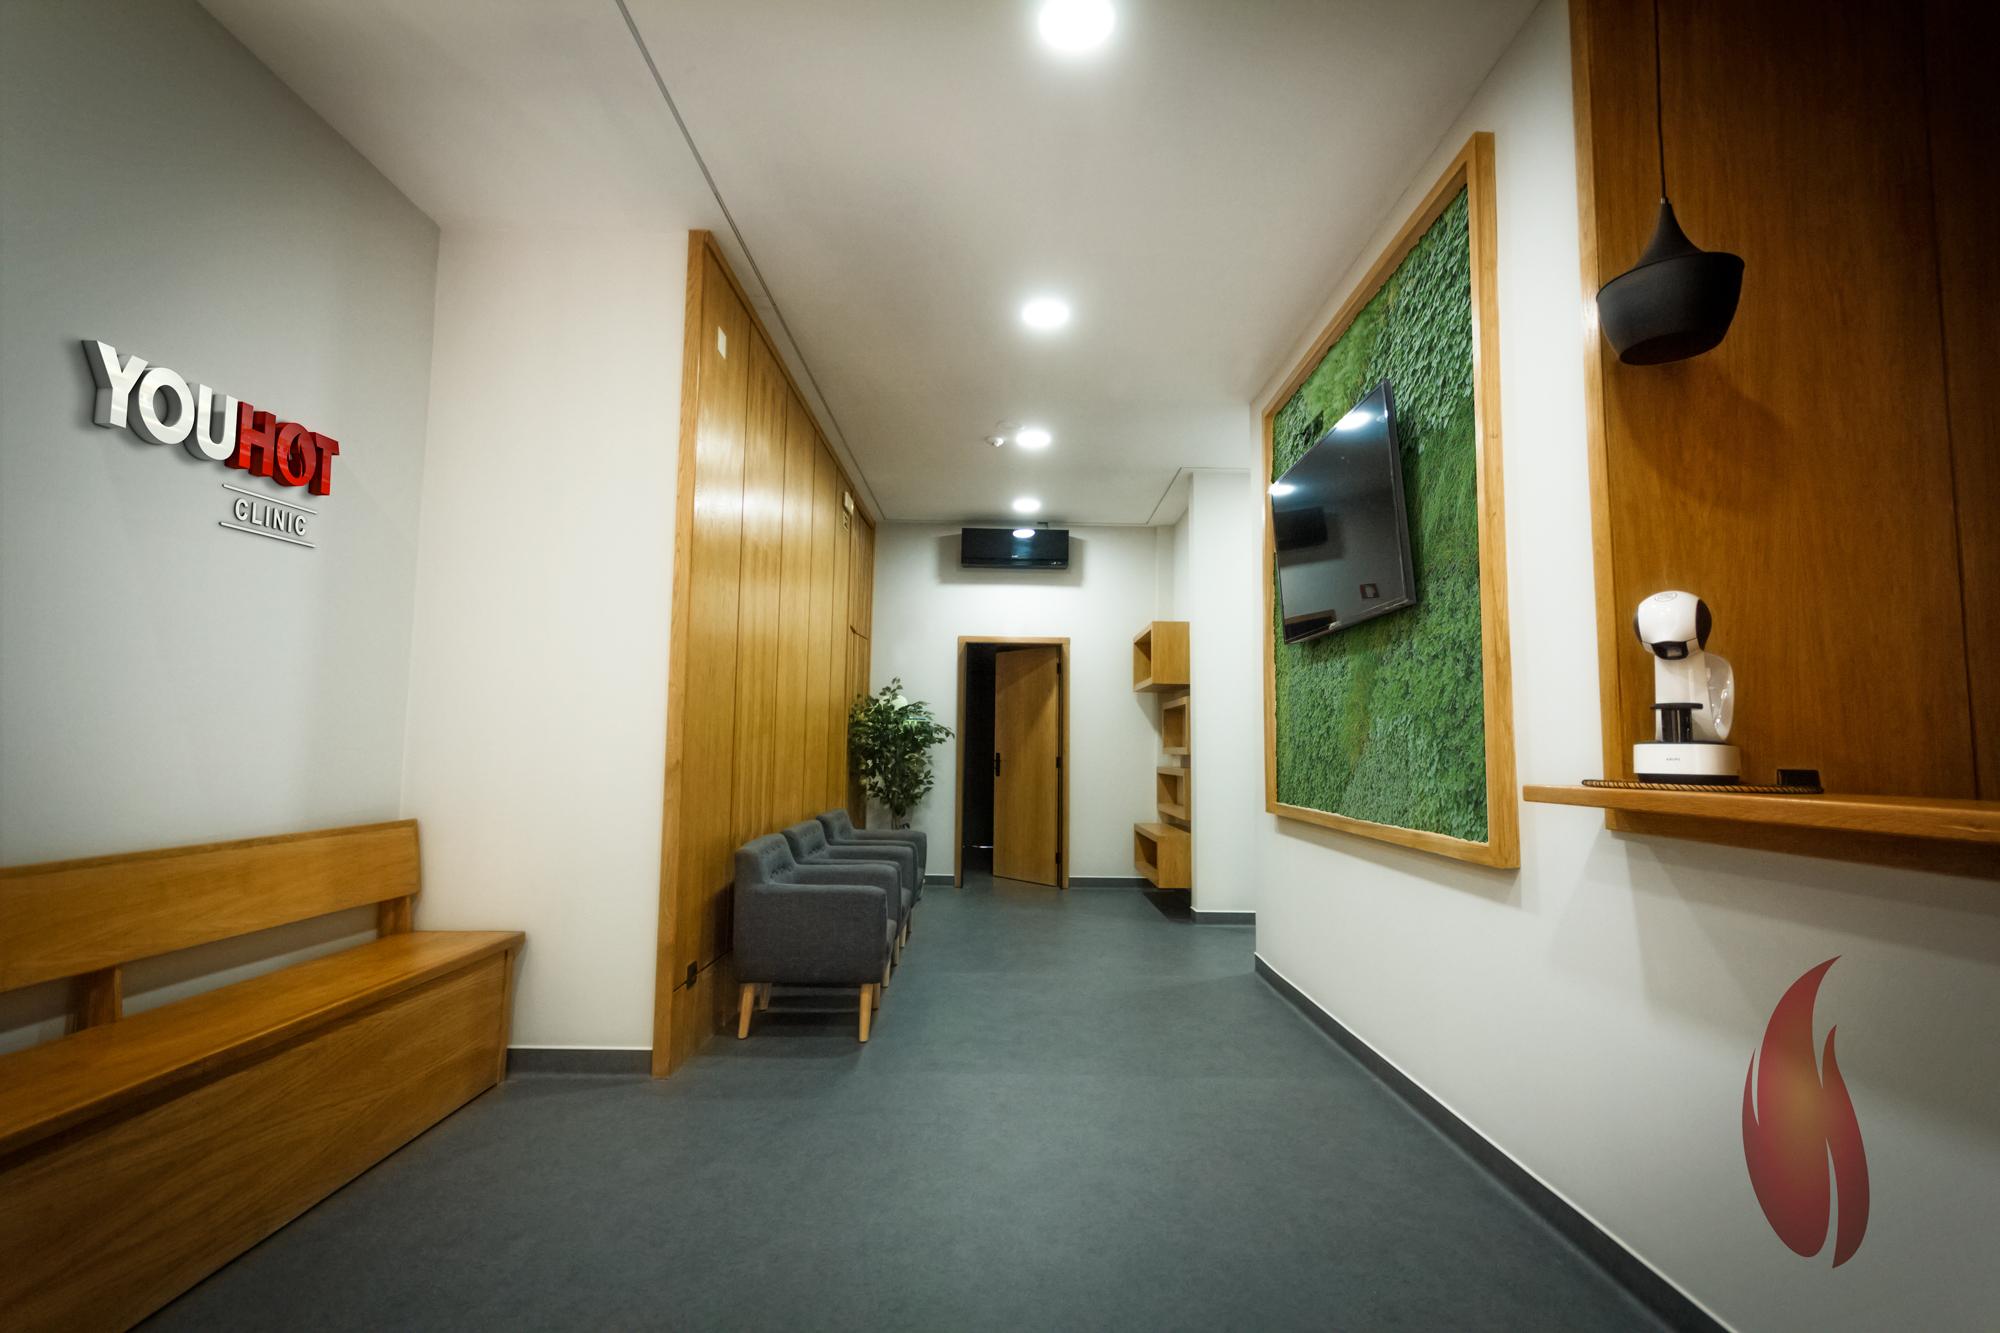 Emagrecimento YouHot Clinic Lisboa Parque das Nações